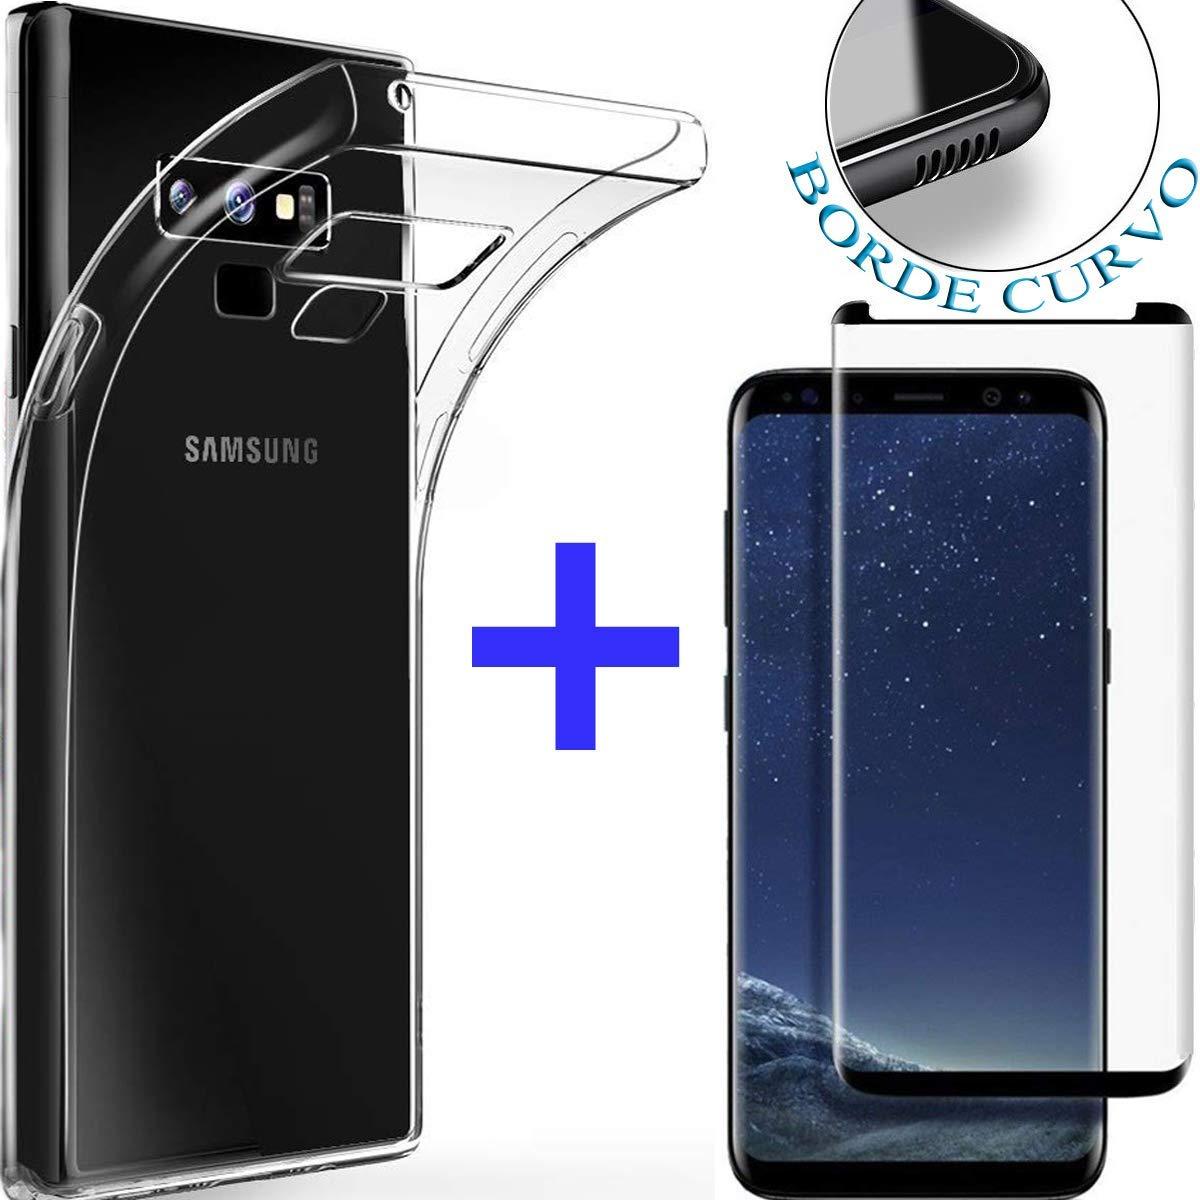 【PACK】 Cristal Templado Completo A70 Funda para Samsung A70 2019 de Silicona Transparente Ultrafina /• Protector Pantalla Cobertura Completa Resistente /• Carcasa Antigolpes Robusta de Buen Ajuste